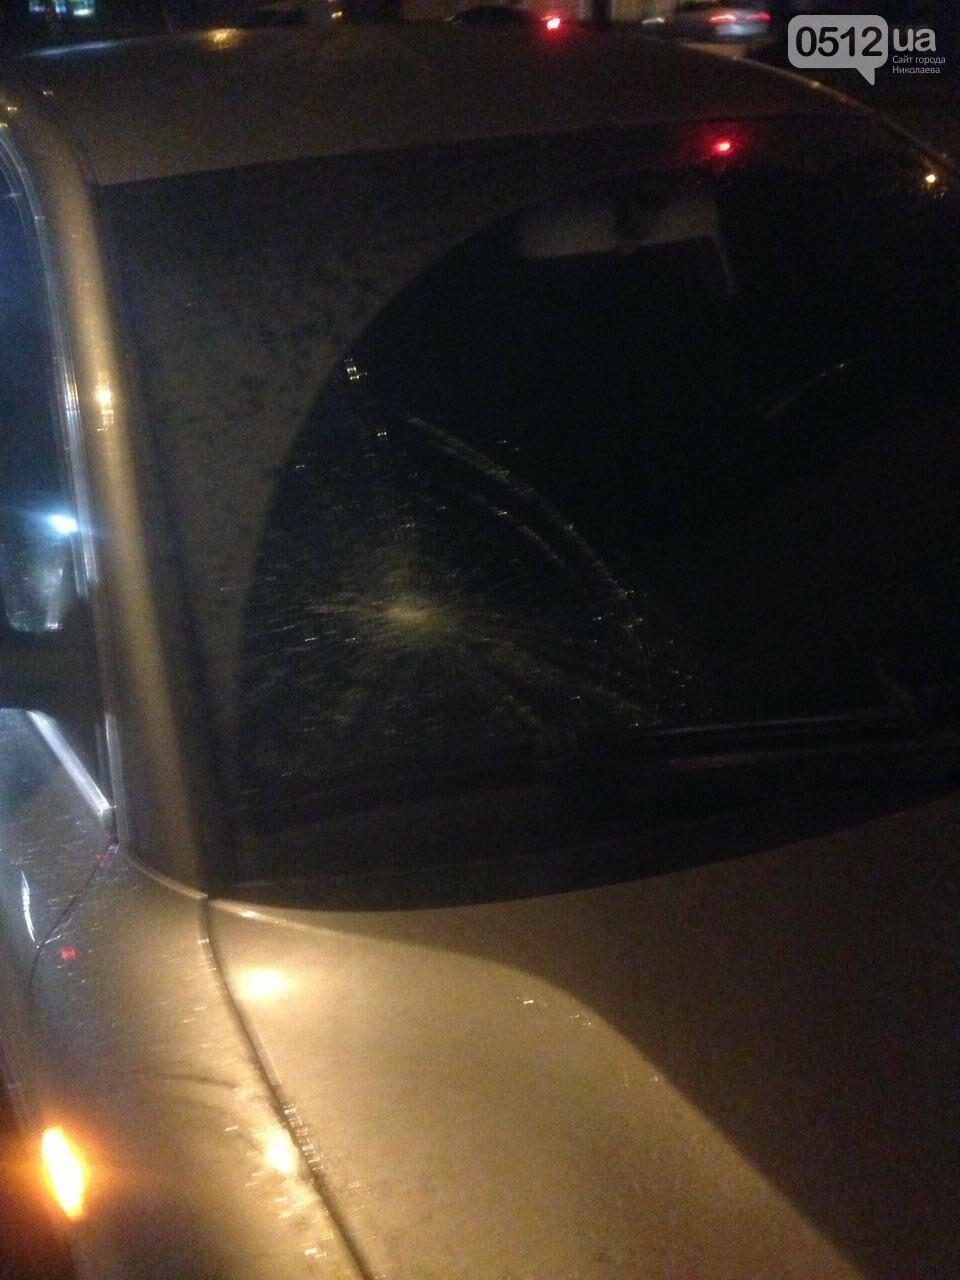 В центре Николаева пьяный военный попал под колеса Volkswagen - его госпитализировали, - ФОТО,ВИДЕО, фото-2